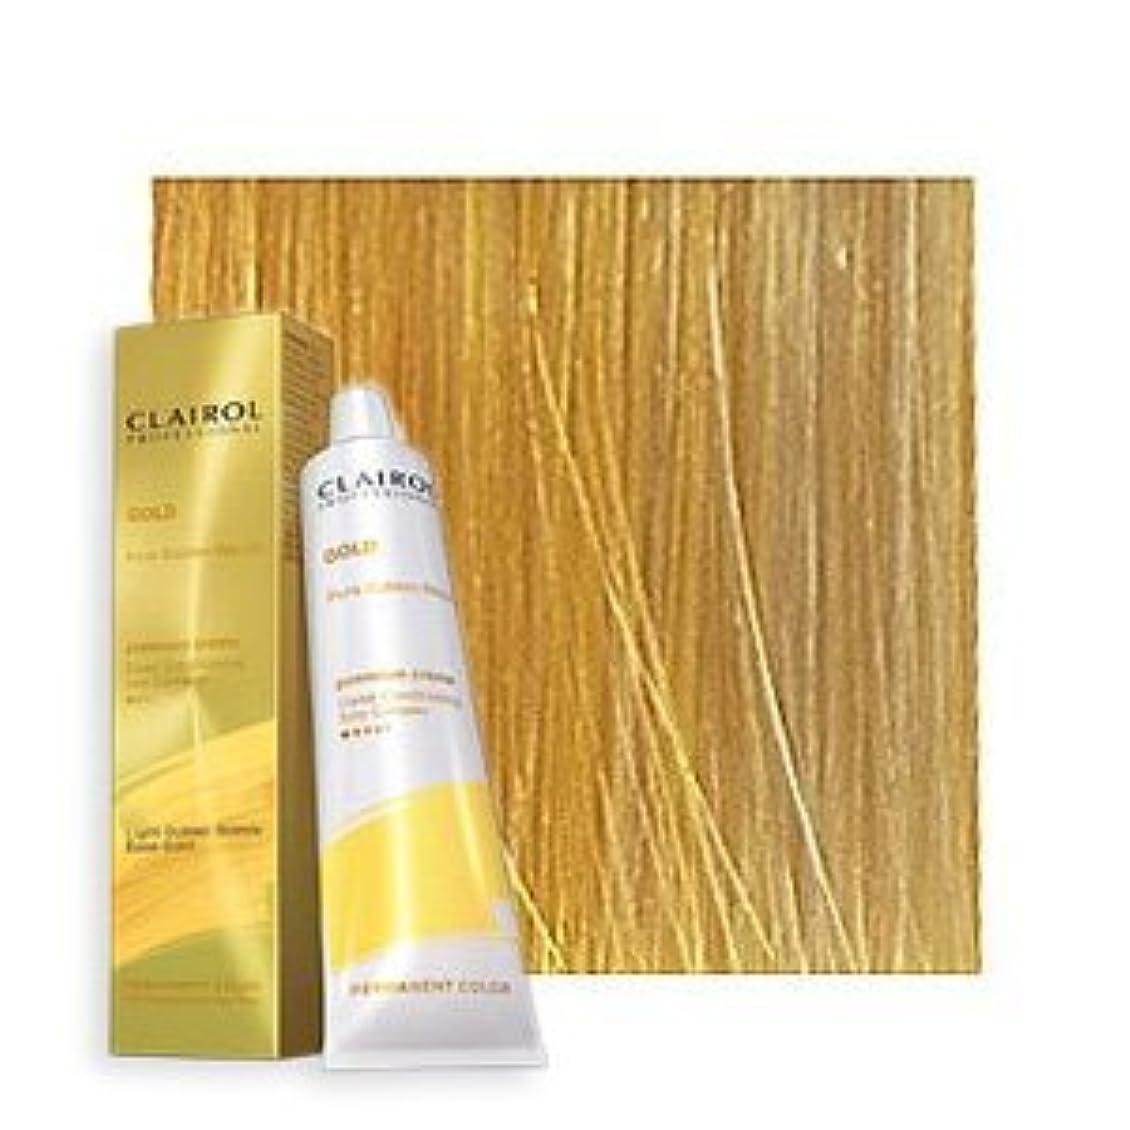 危機遠えマイクロプロセッサClairol Professional - SOY4PLEX - Lightest Golden Blonde 10G - 2 oz / 57 g